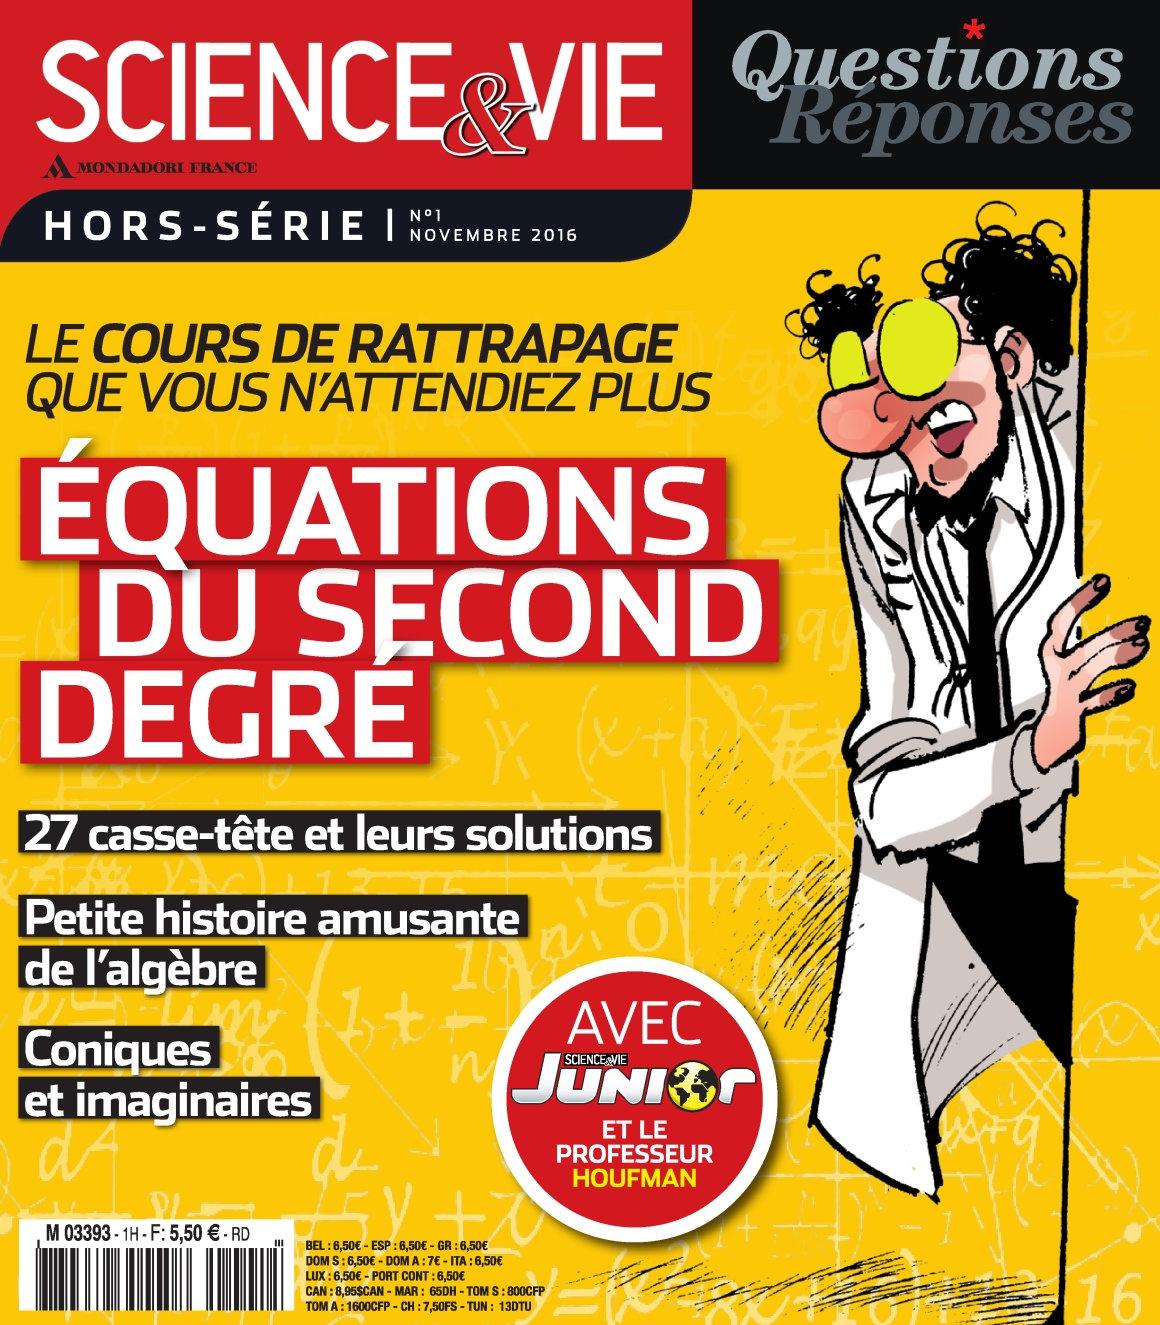 Science & Vie Questions Réponses HS 1 - Novembre 2016